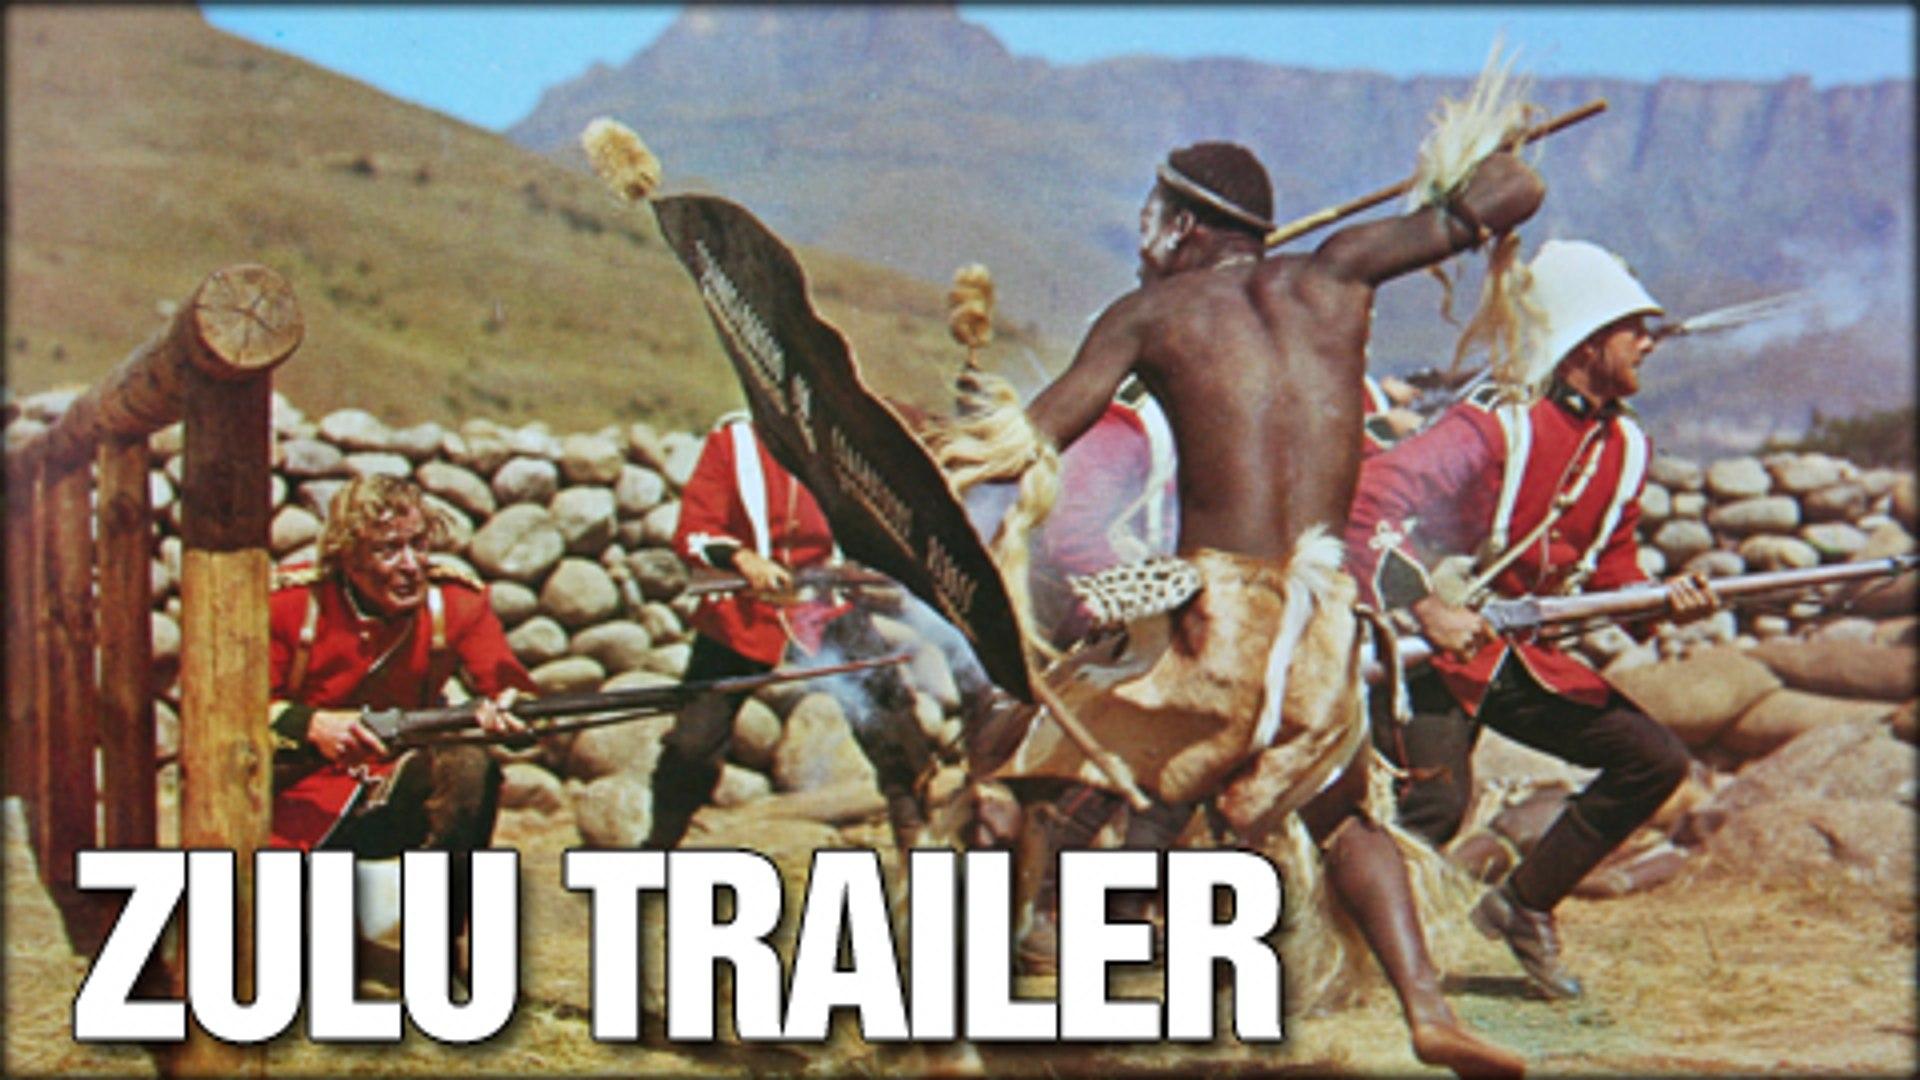 Zulu (1964) - Stanley Baker, Jack Hawkins, Ulla Jacobsson - Trailer (Drama, History, War)